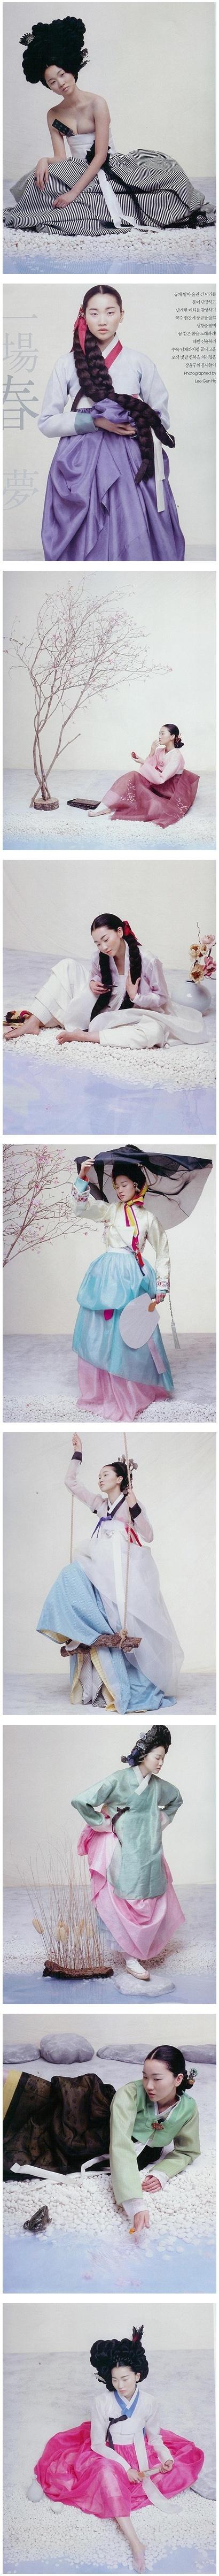 Topmodel Y.J Jang in beautiful hanbok styles...